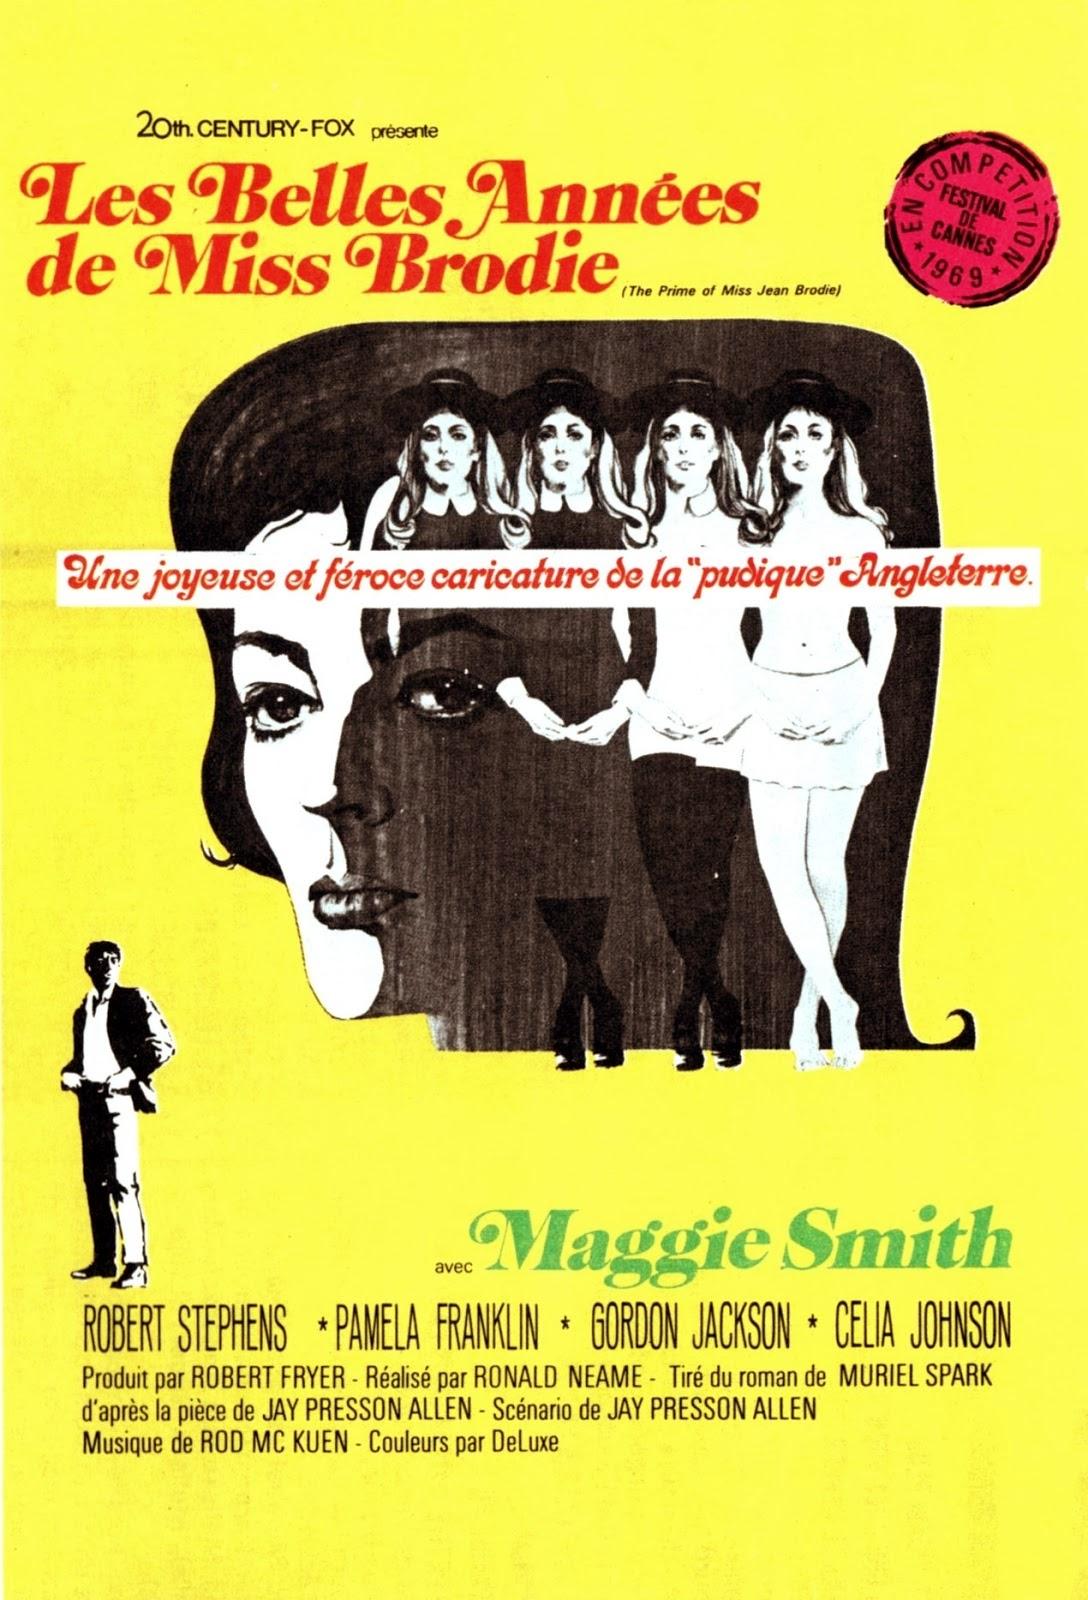 affiche du film Les belles années de Miss Brodie